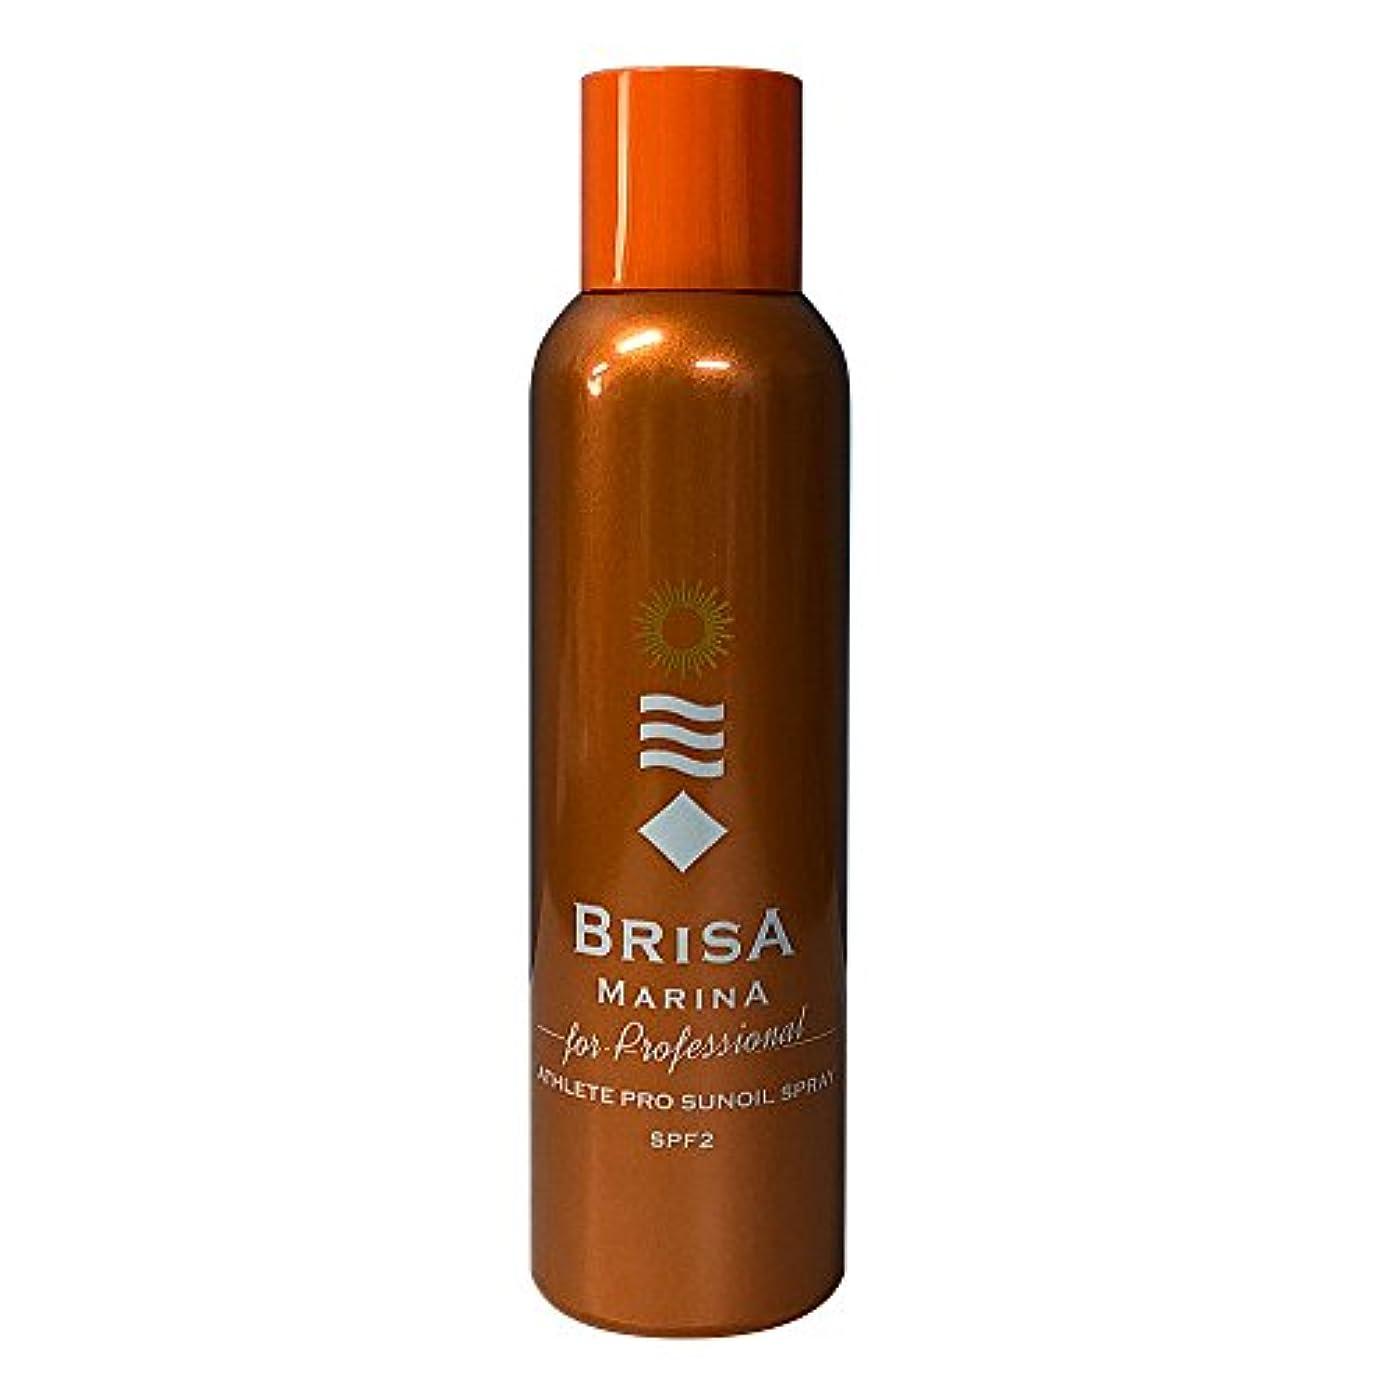 共和国飛ぶ湿地BRISA MARINA(ブリサ マリーナ) アスリートプロ サンオイルスプレー [SPF2] Professional Edition [アスリートプロ 日焼け用スプレー] Z-0CBM0016610